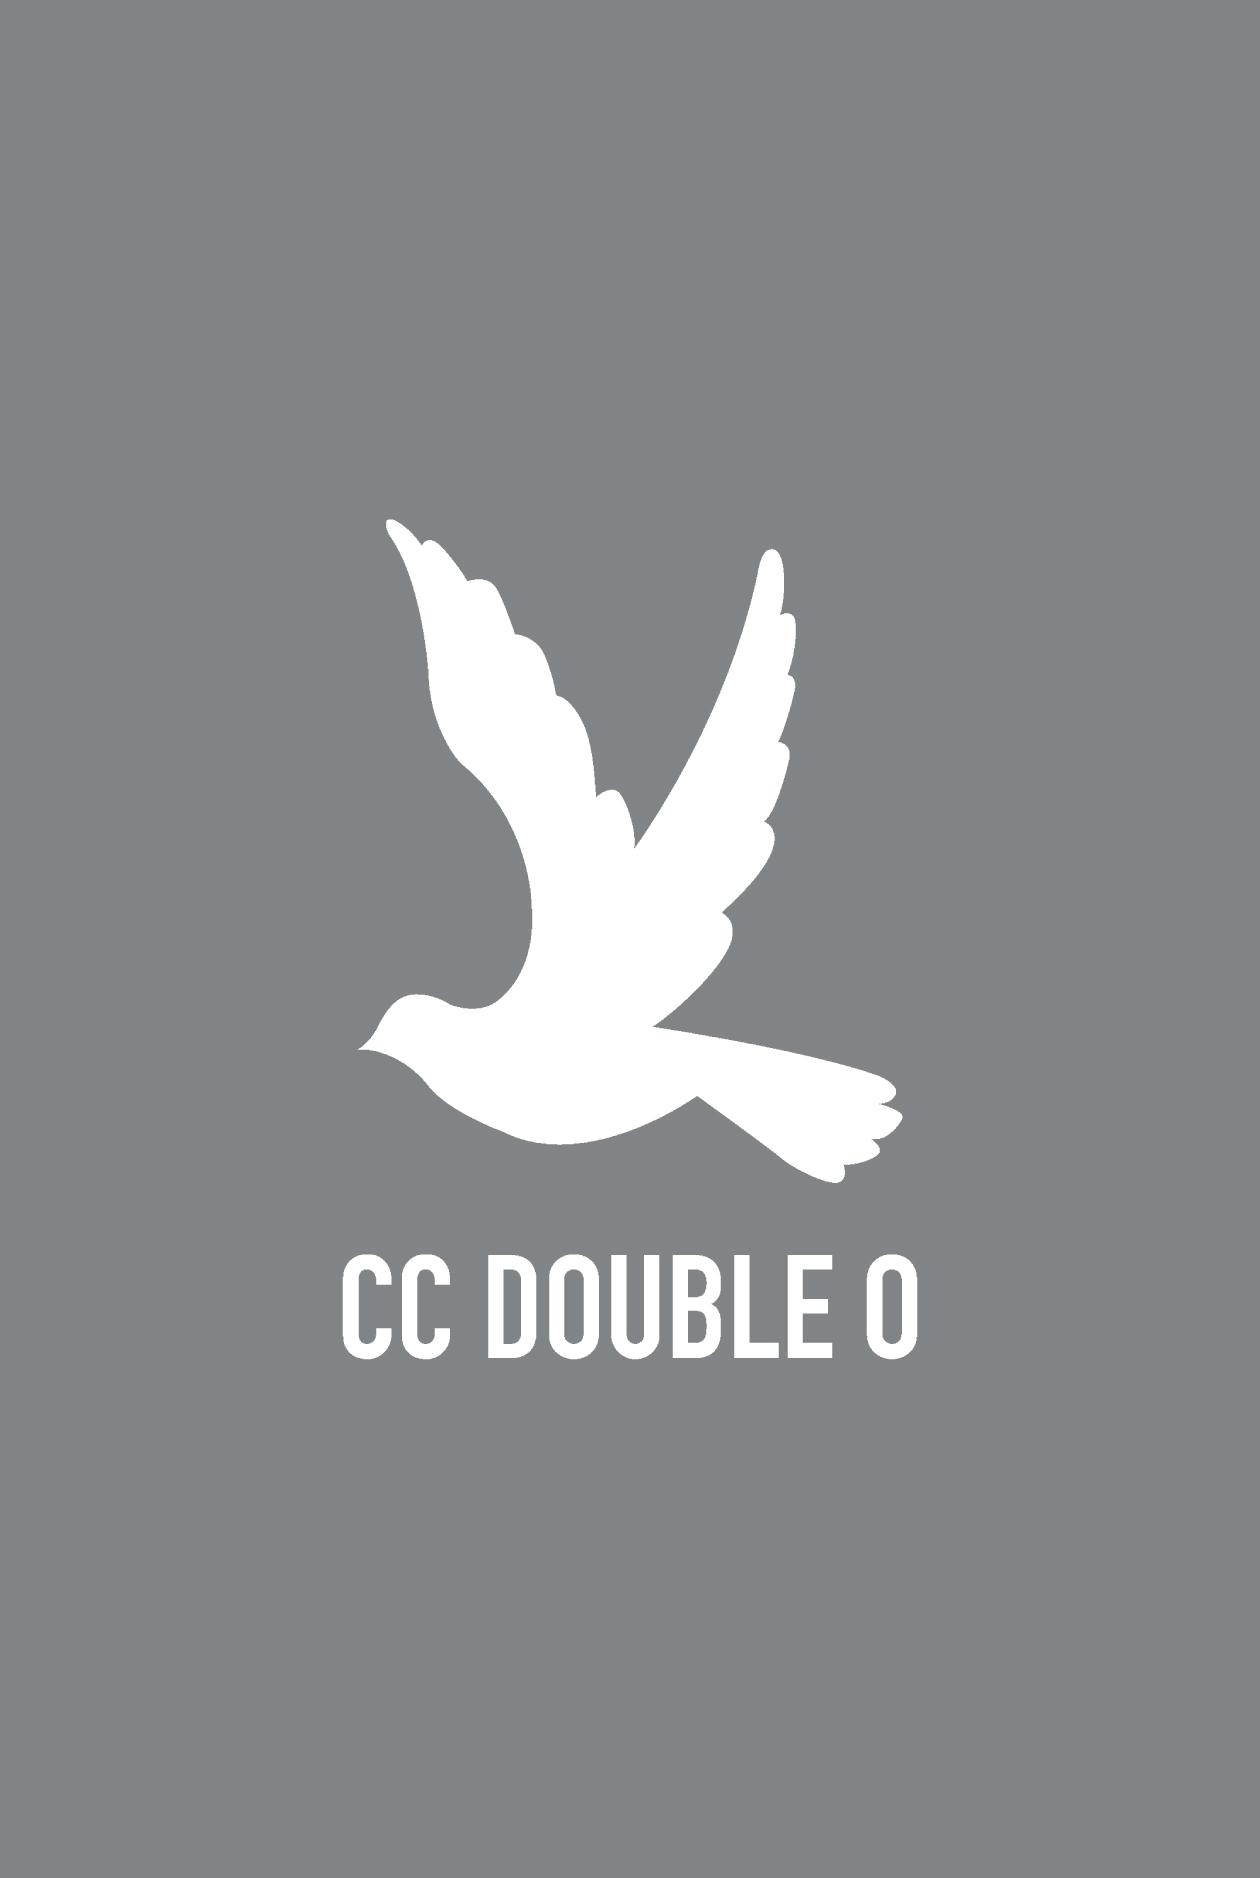 เคสมือถือหนังเทียม CC DOUBLE O สำหรับไอโฟน 7 และ 8